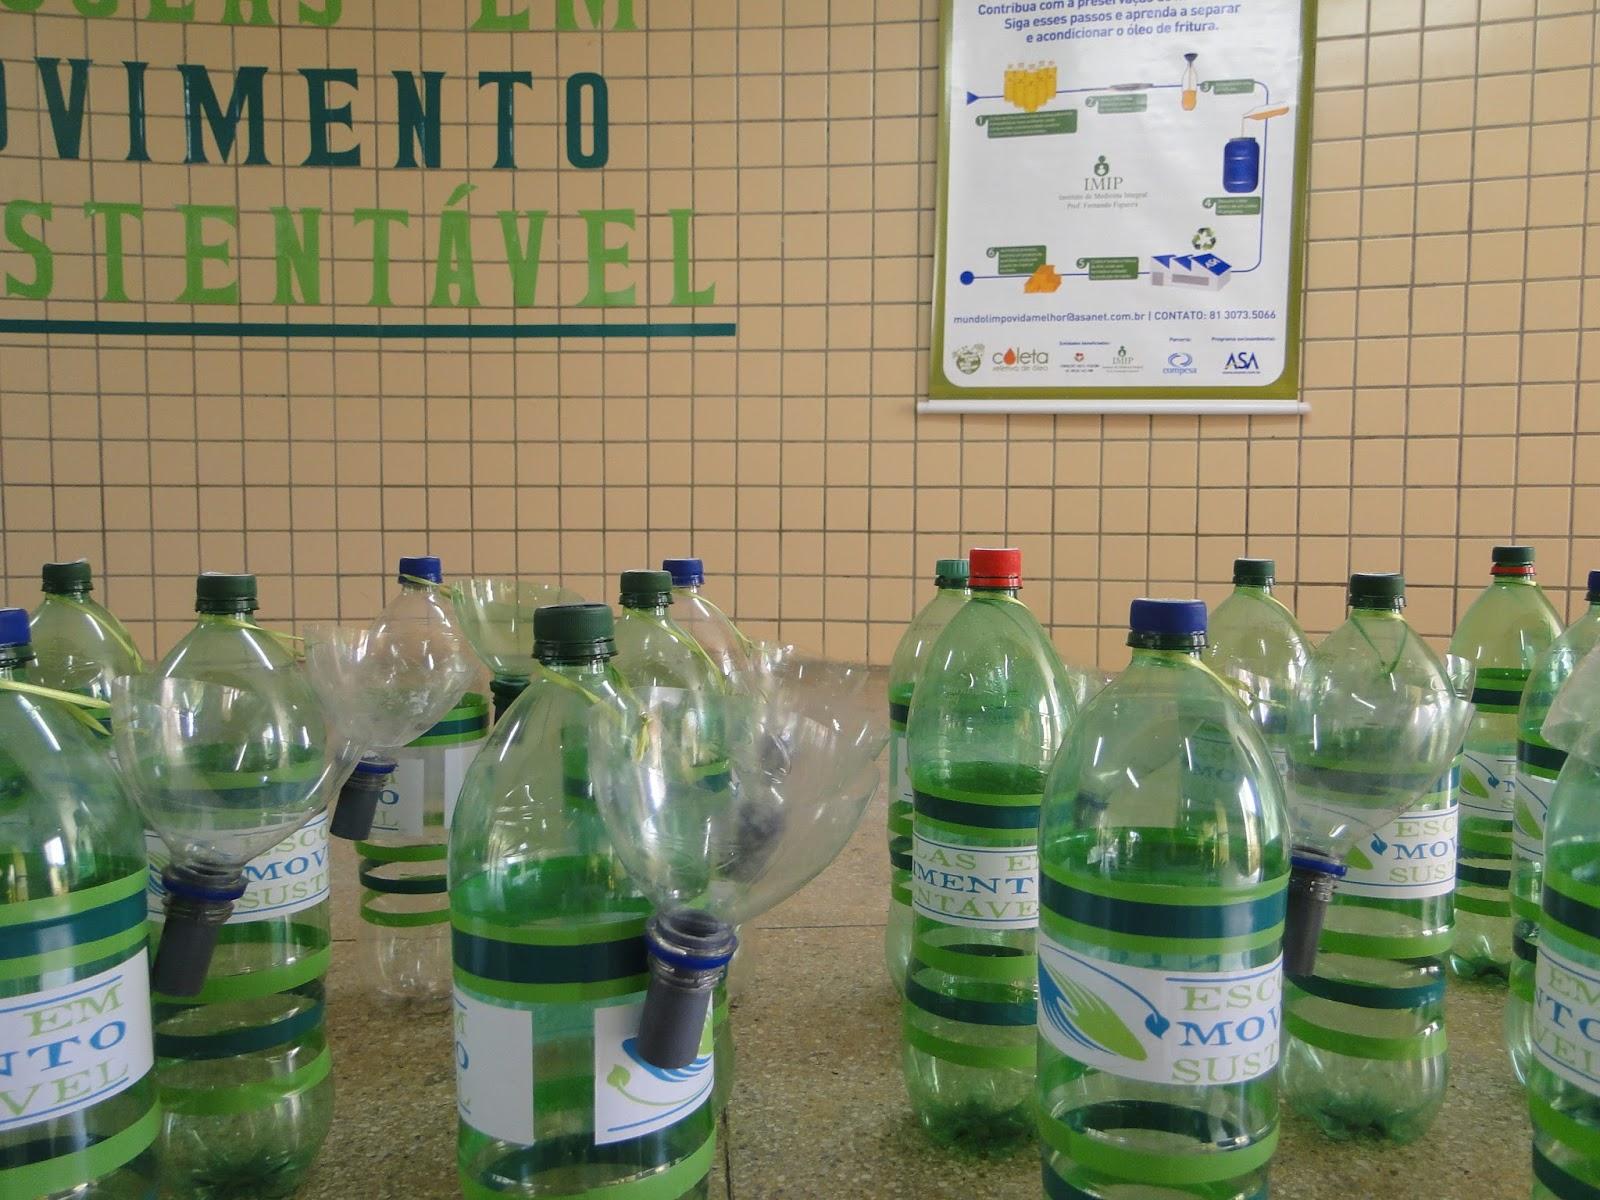 #406933 Projeto Escolas Em Movimento Sustentável é lançado em João Alfredo  1600x1200 px projeto de banheiro sustentavel